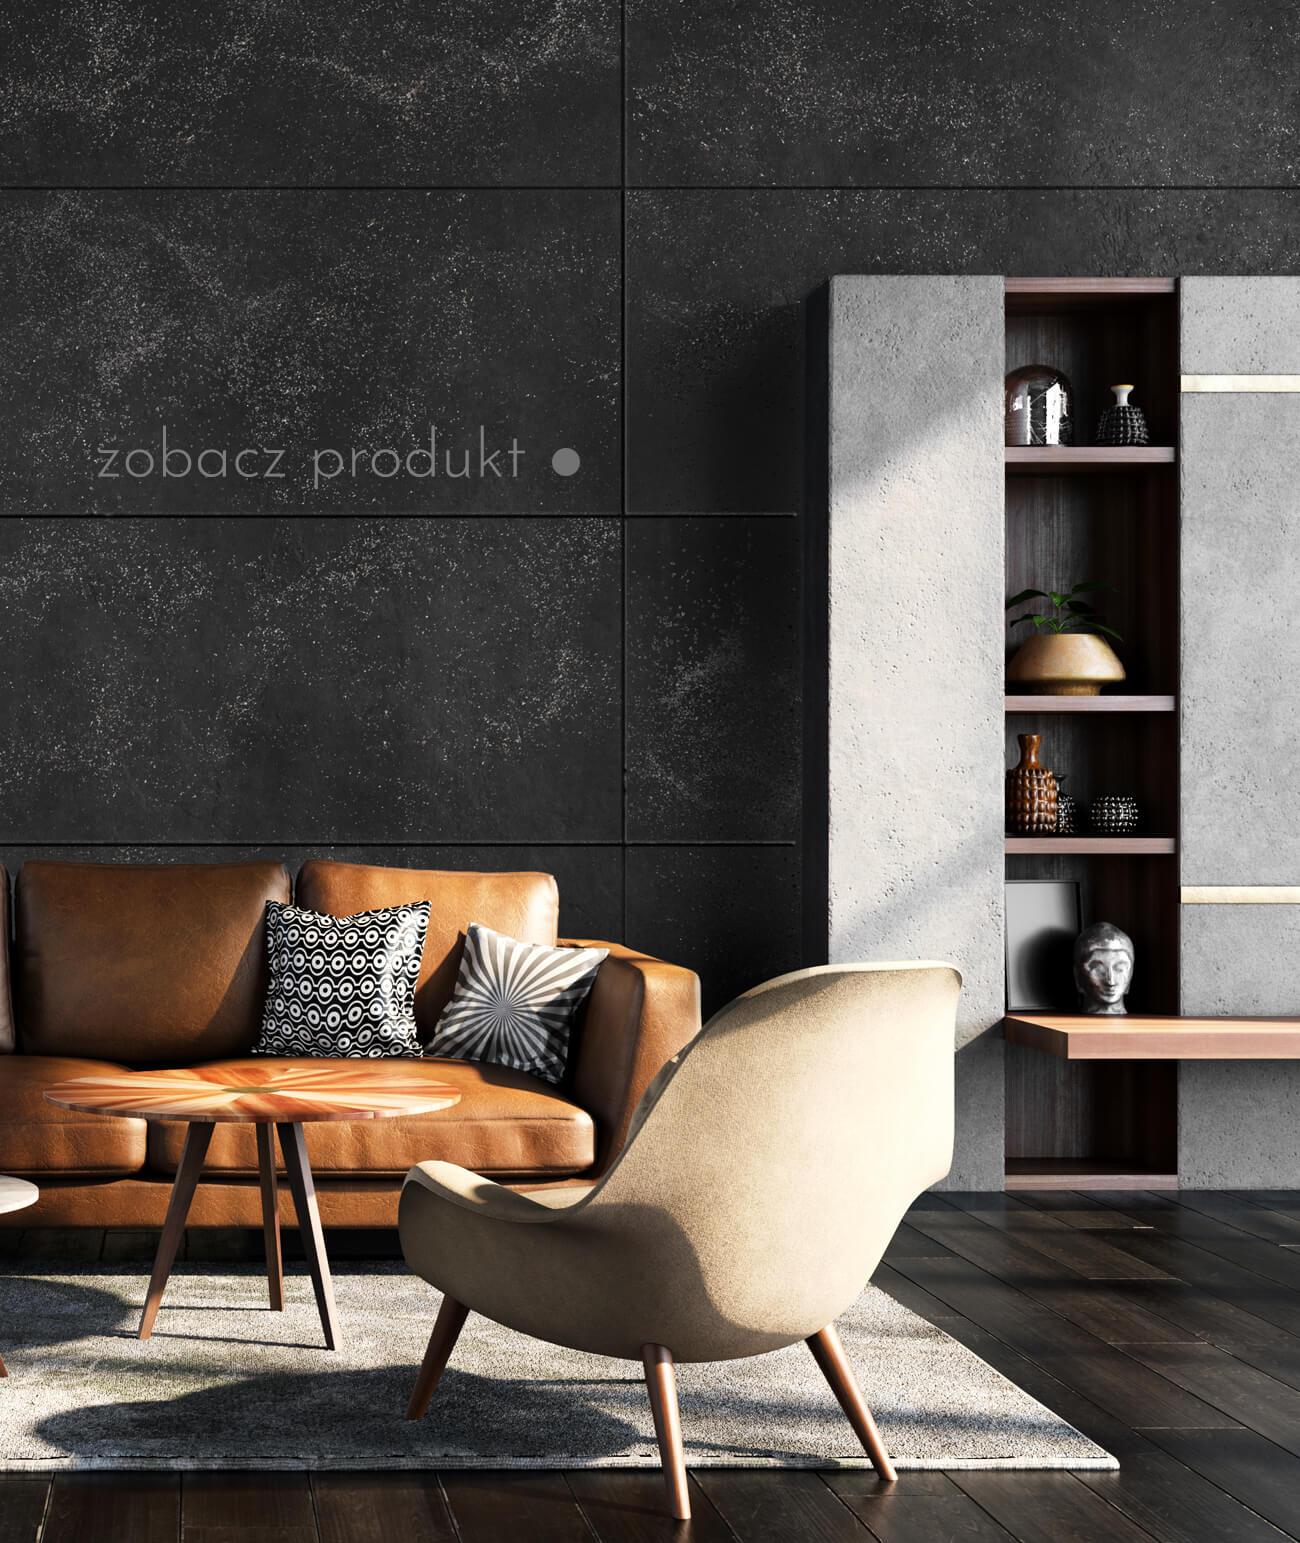 plyty-betonowe-scienne-i-elewacyjne-beton-architektoniczny_1159-24455-ds-antracyt-srebrne-kruszywo-plyta-beton-architektoniczny-grc-ultralekka